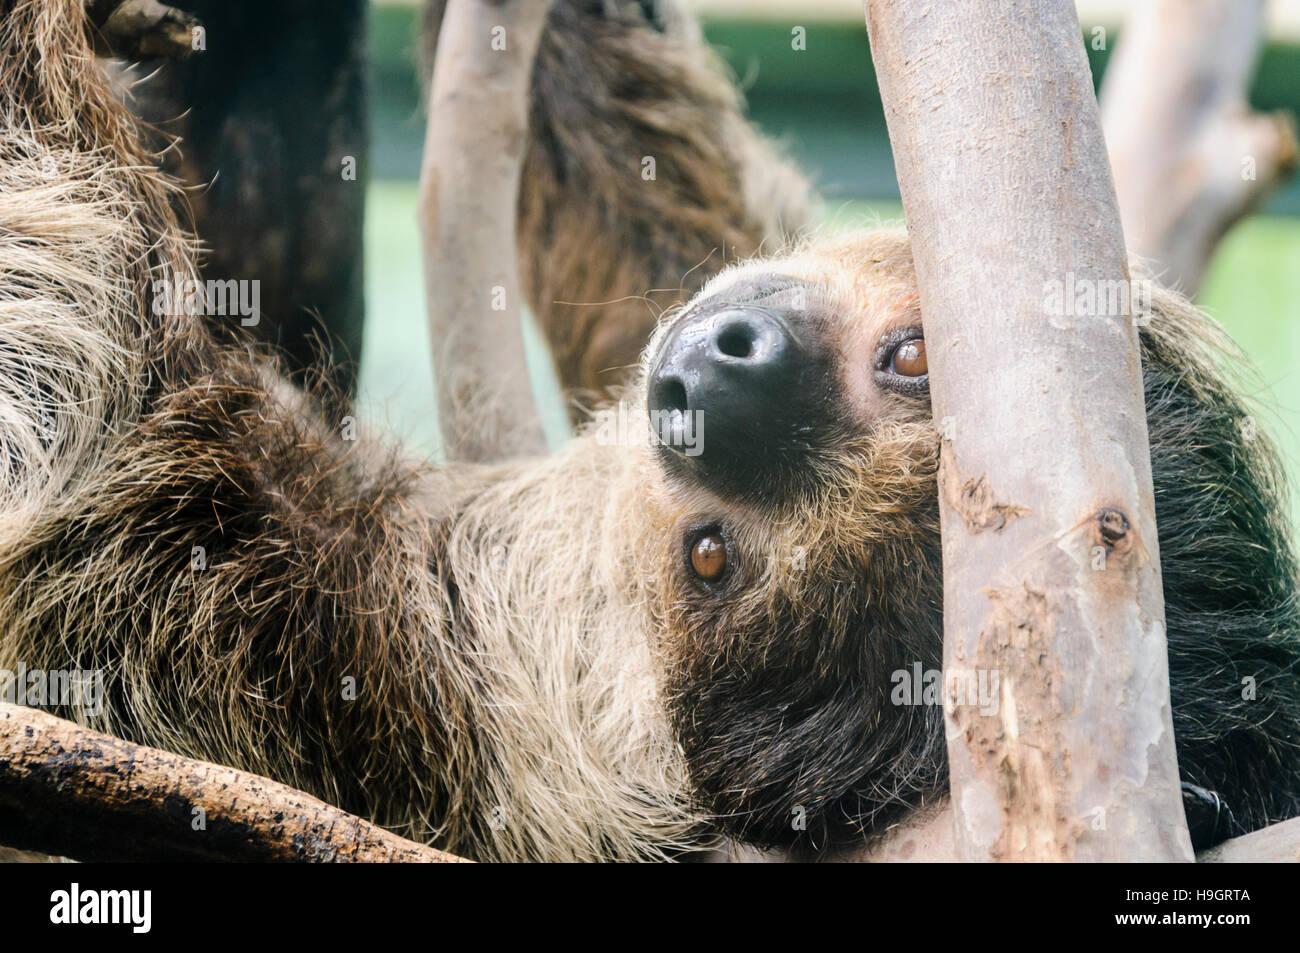 Tres vetado sloth colgado boca abajo de algunas ramas. Foto de stock